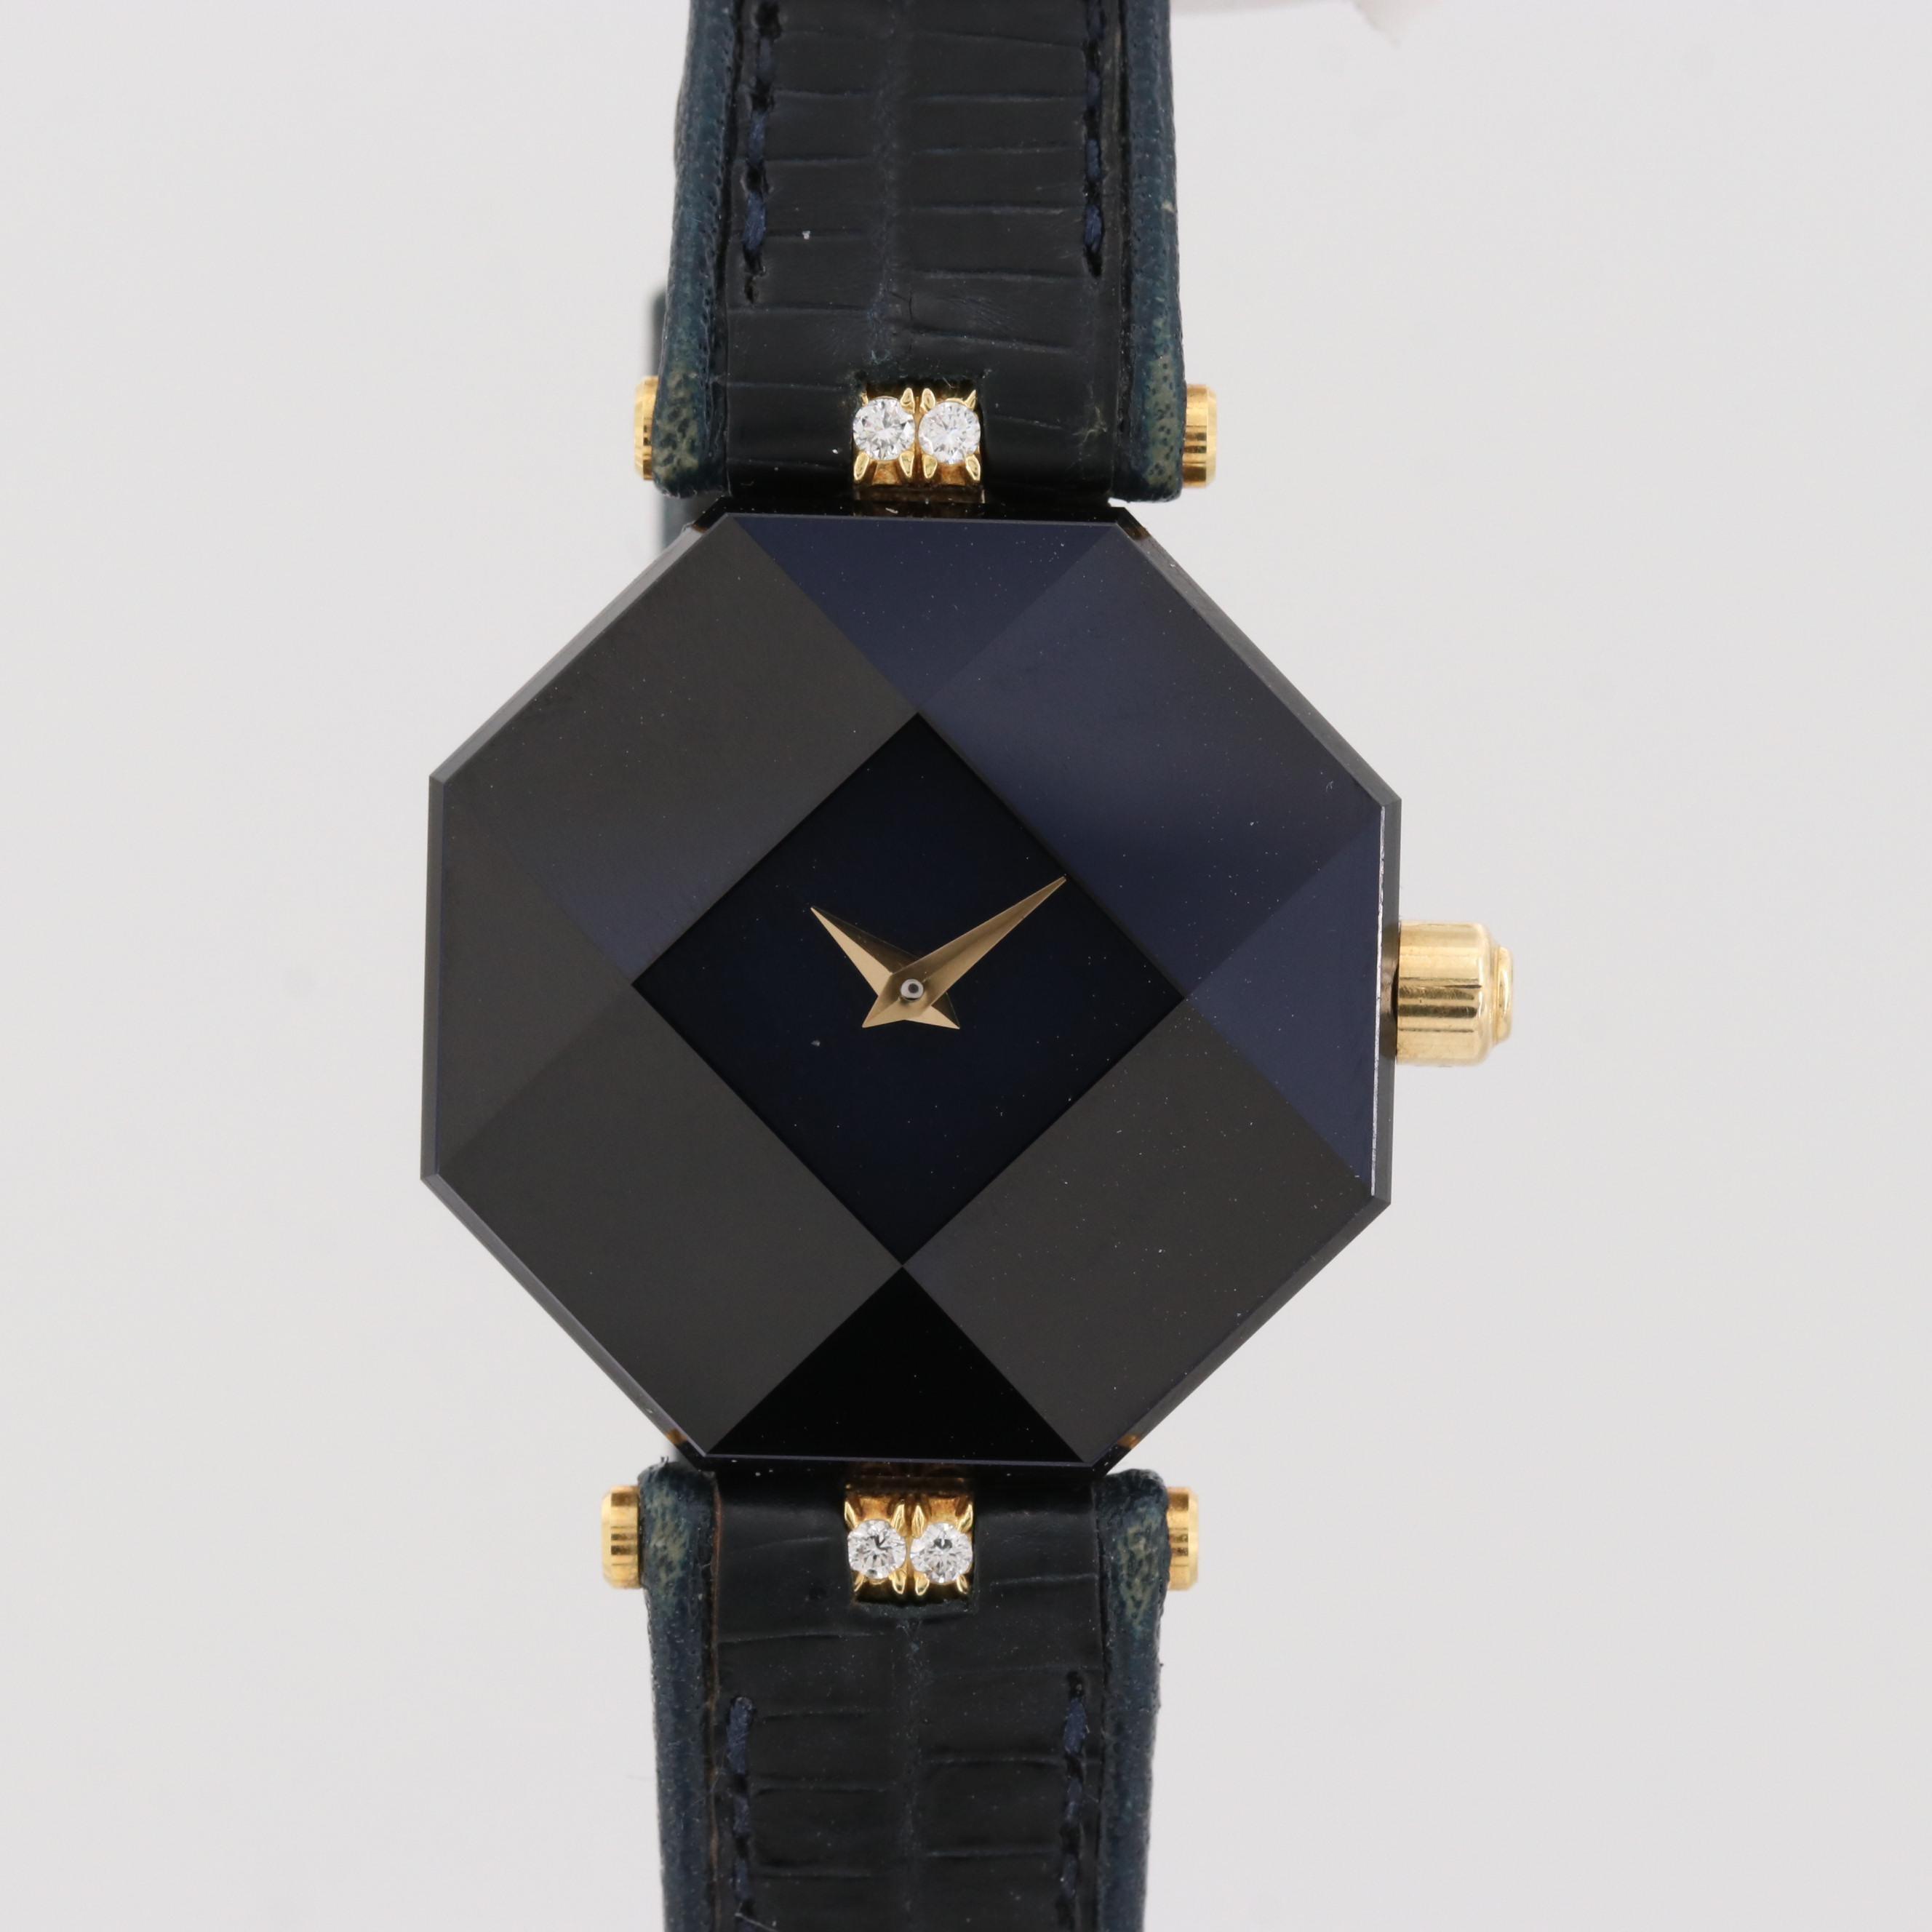 Vintage H. Stern Safir 18K Yellow Gold Diamond Quartz Wristwatch